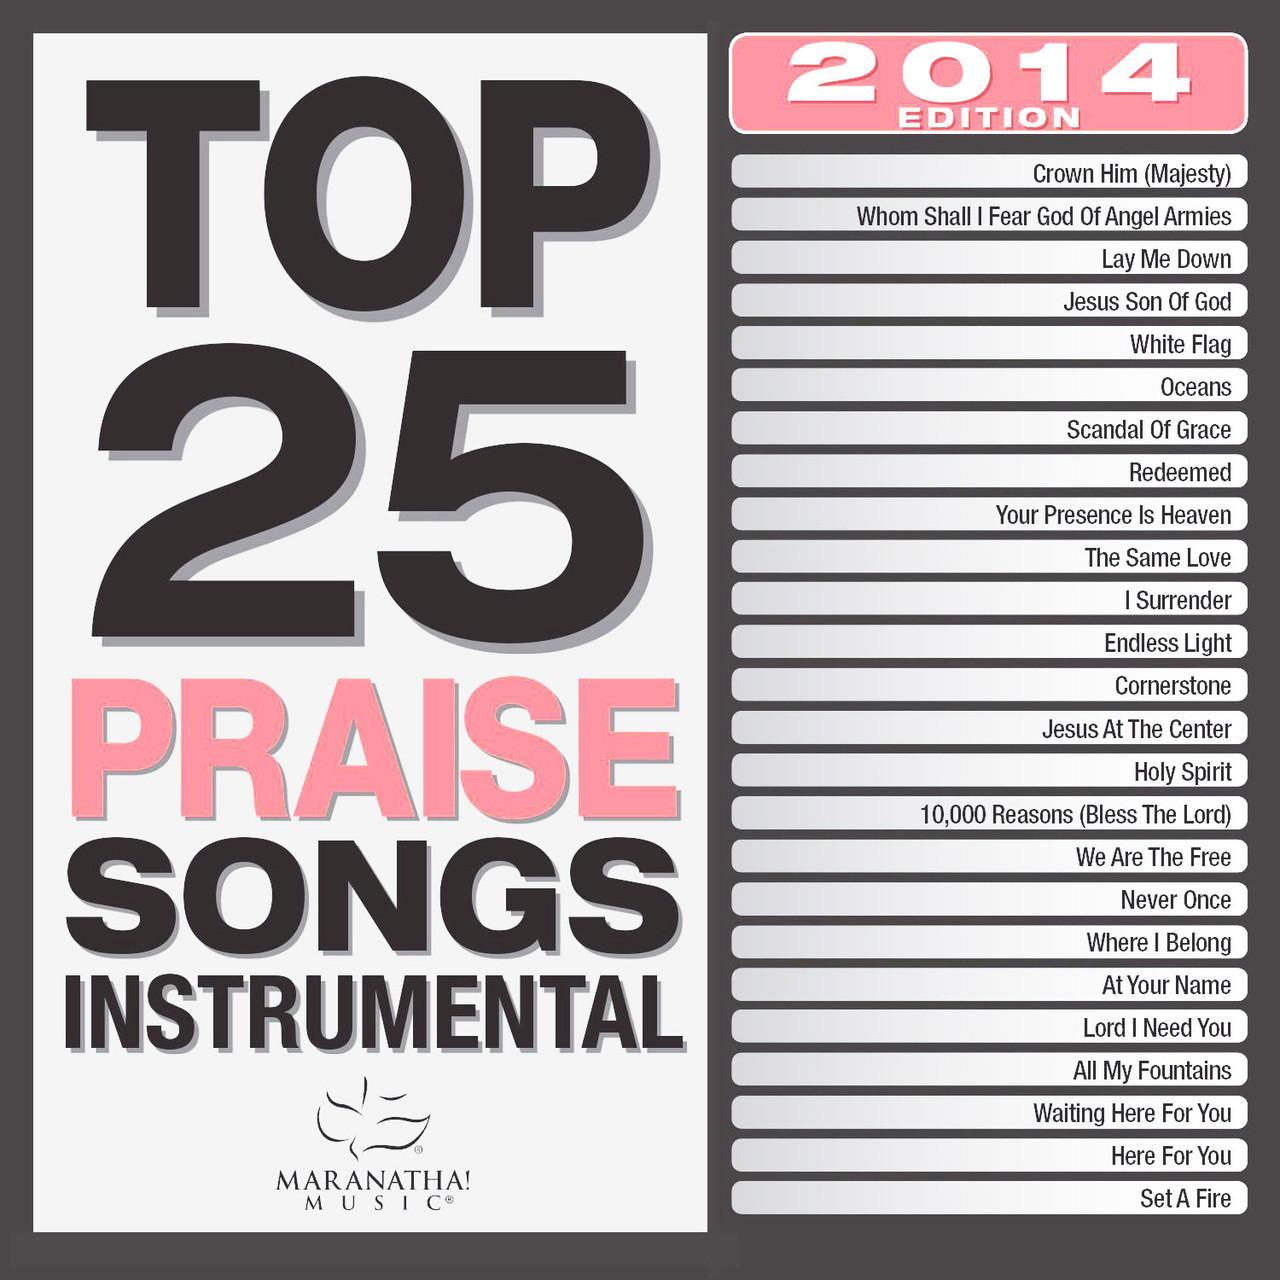 TOP 25 PRAISE SONGS -INSTRUMENTAL - 2014